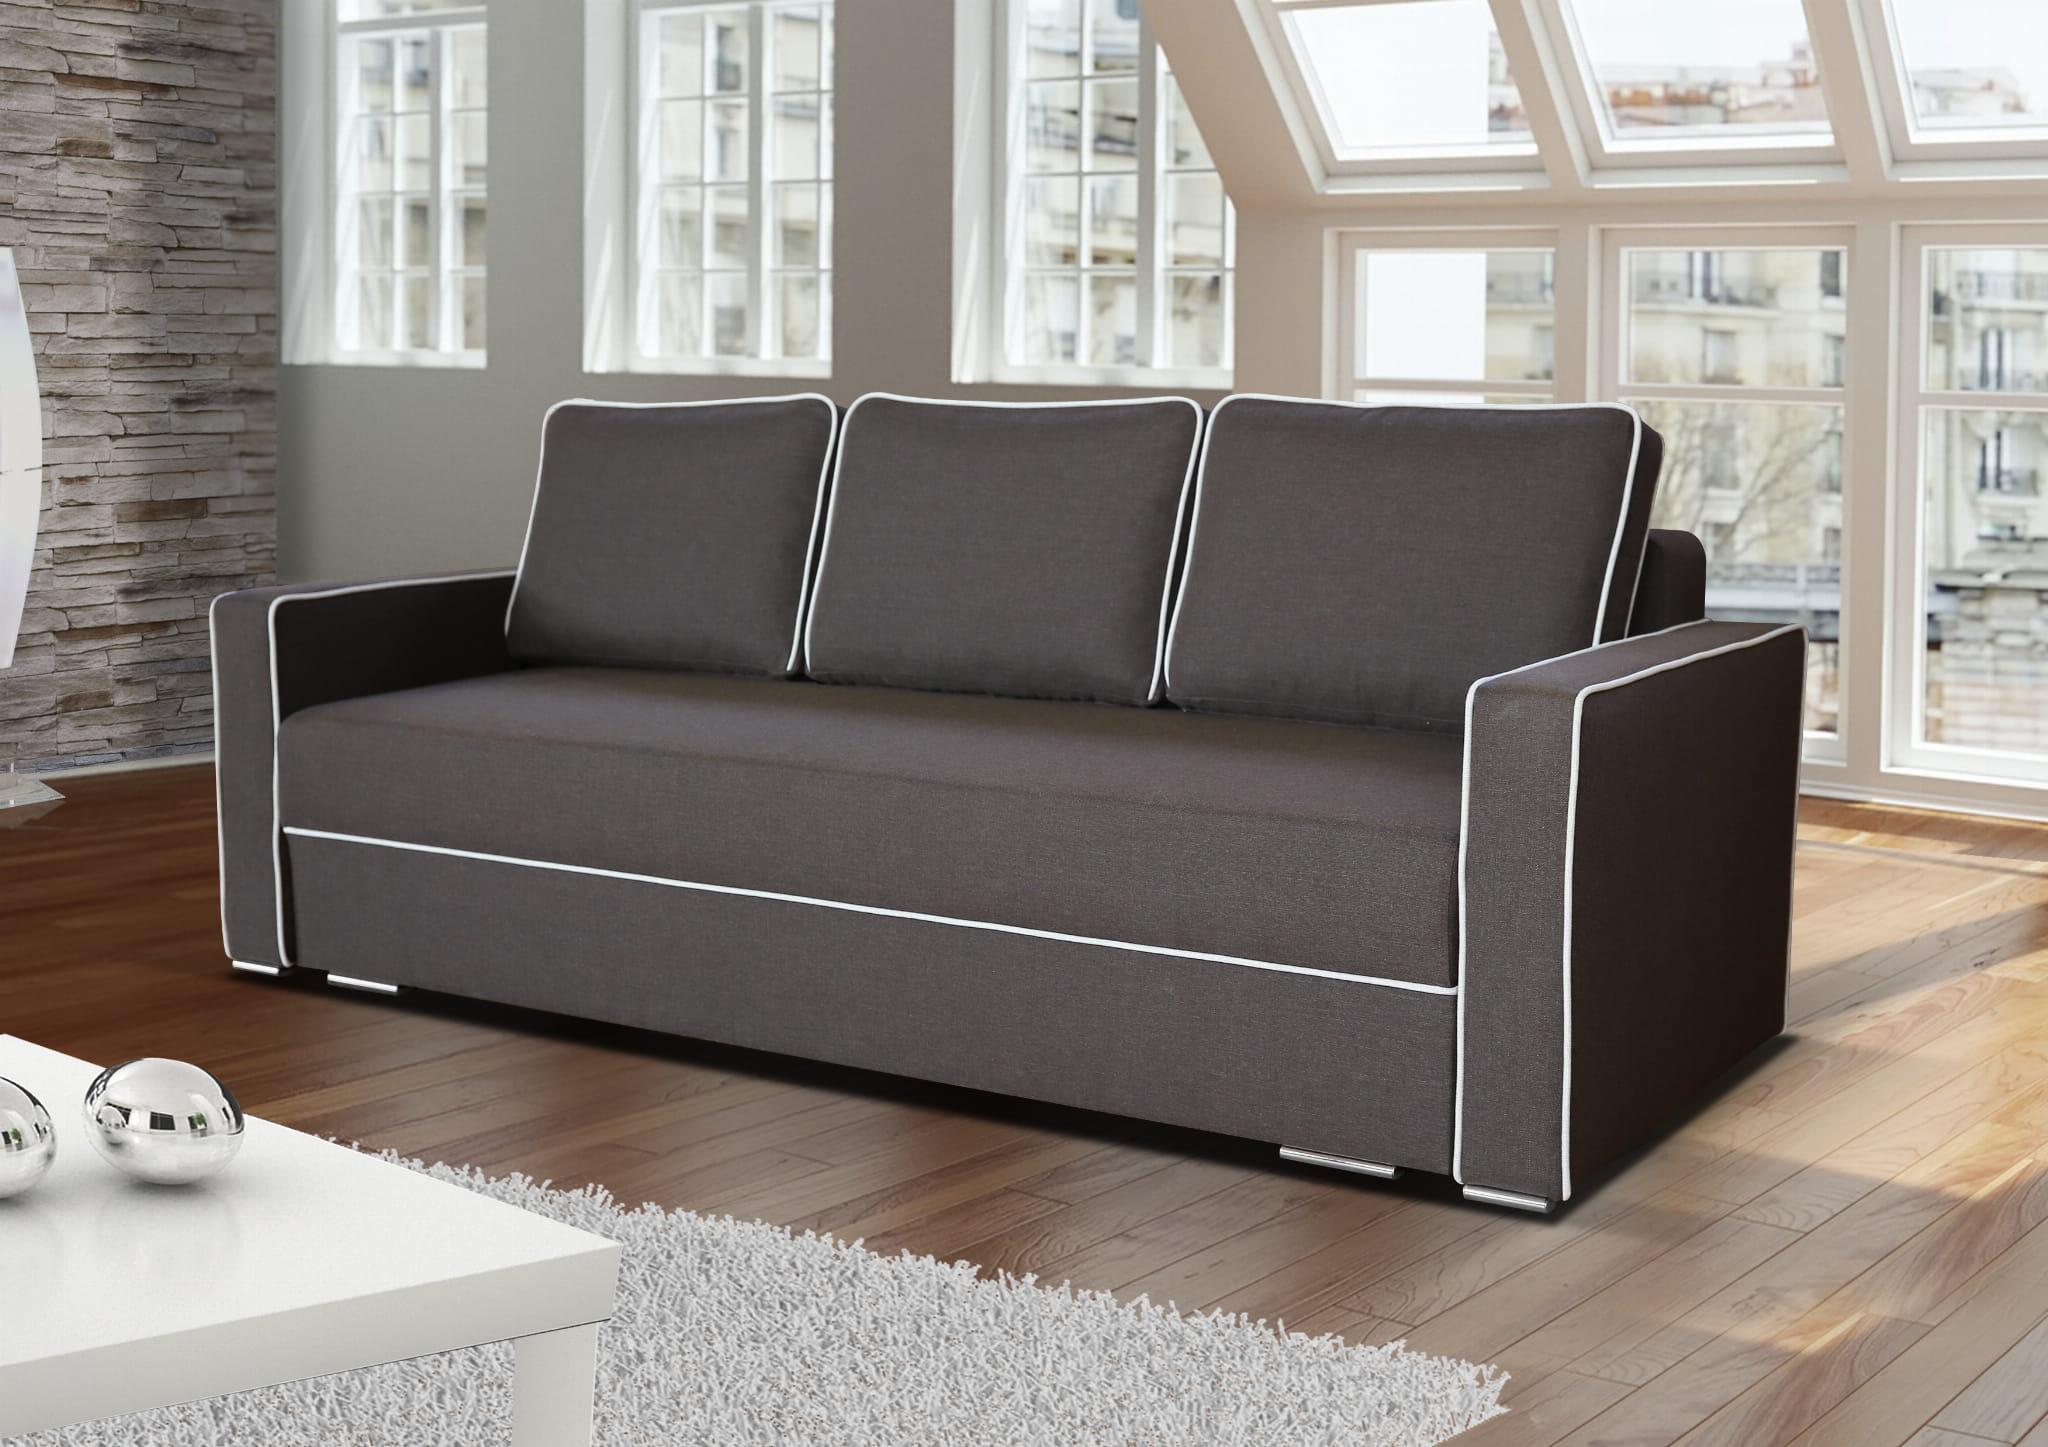 joop ecksofa gallery of joop satin decor schwarz with joop ecksofa cool joop teppiche with. Black Bedroom Furniture Sets. Home Design Ideas